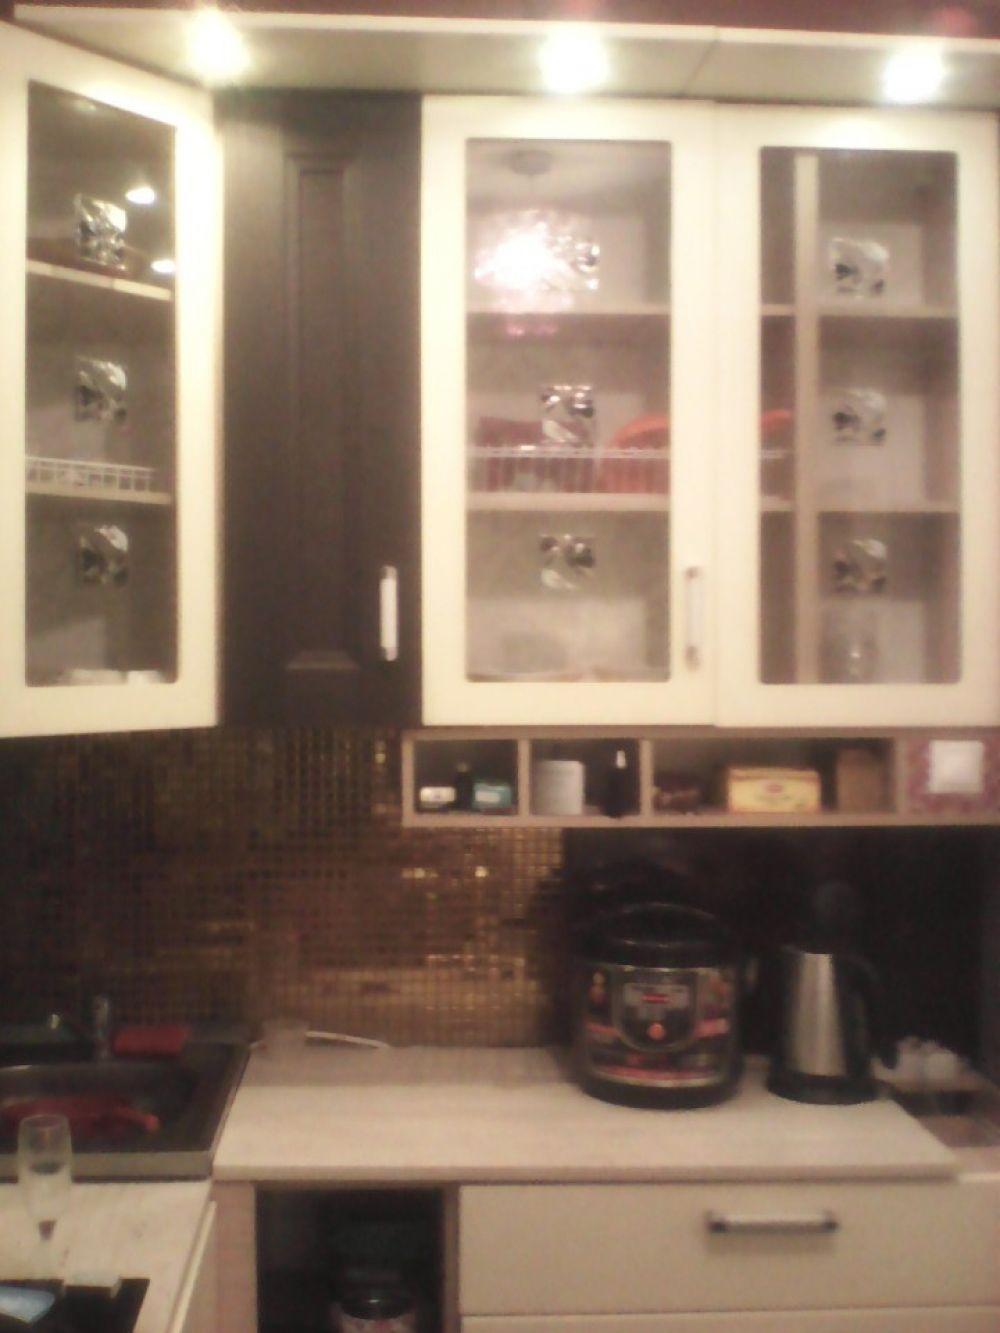 Однокомнатная квартира  37 м2, Богородский мкр дом 7 г. Щелково, фото 5